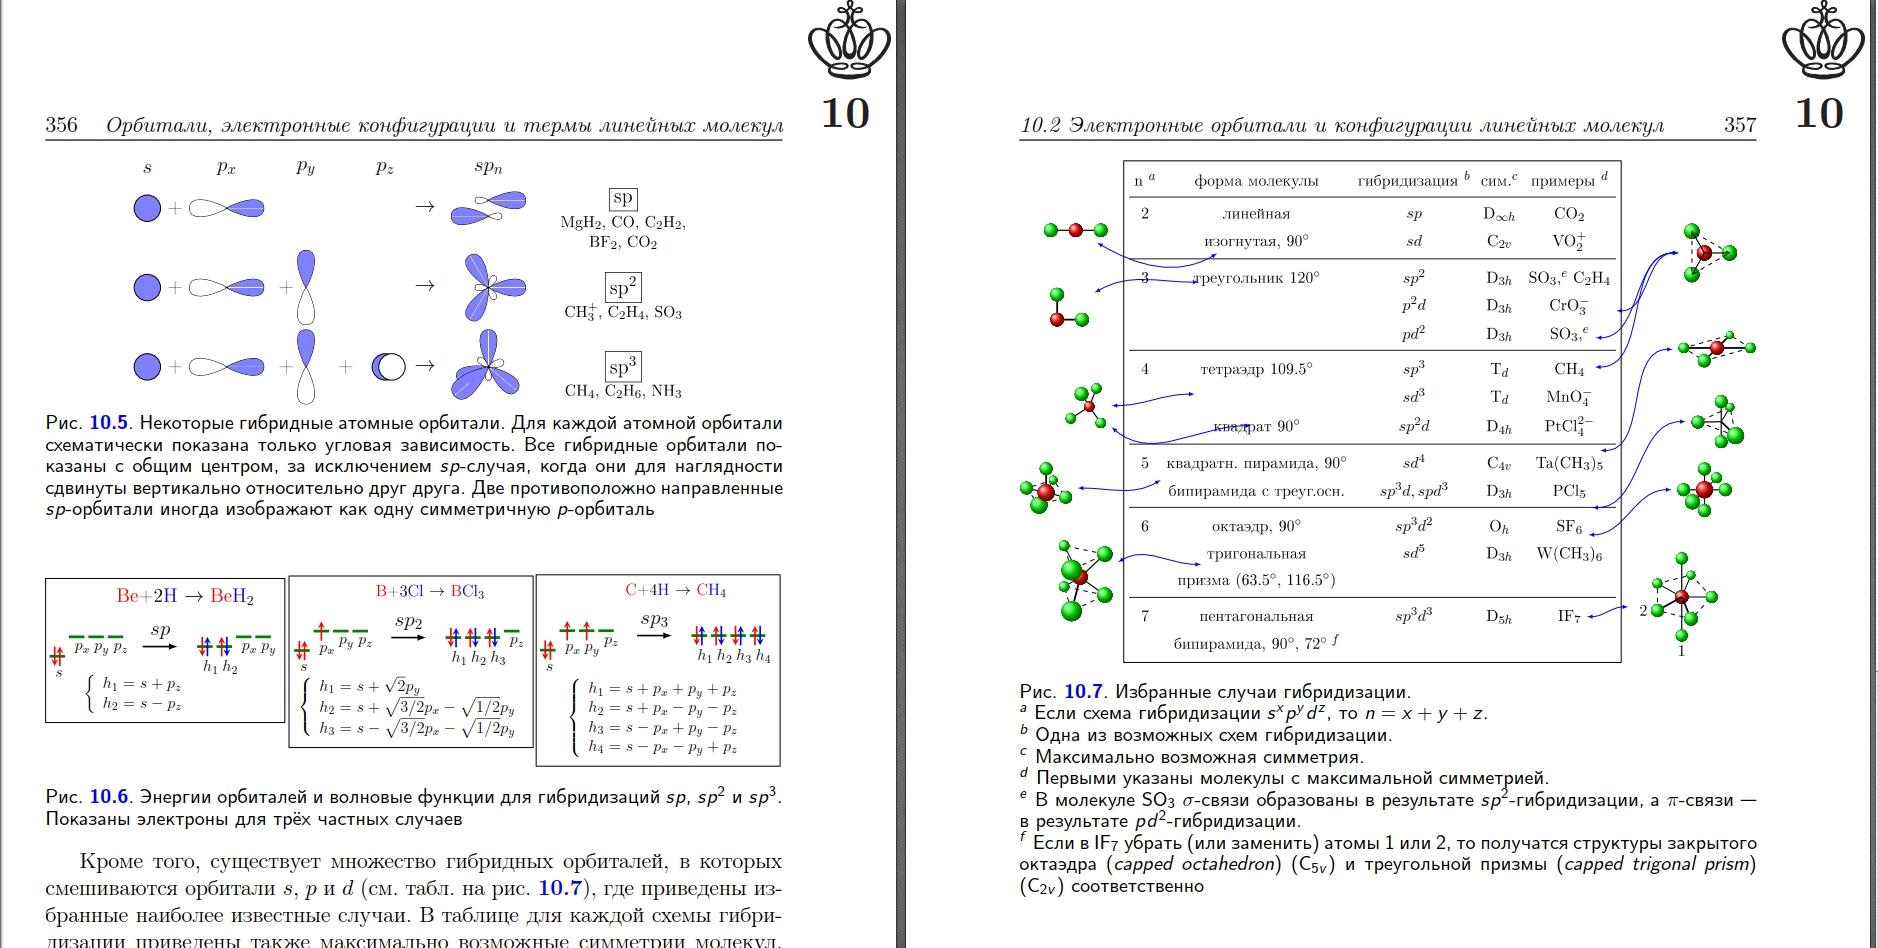 Как писать книгу в LaTeXe по физике. Cтатья 1